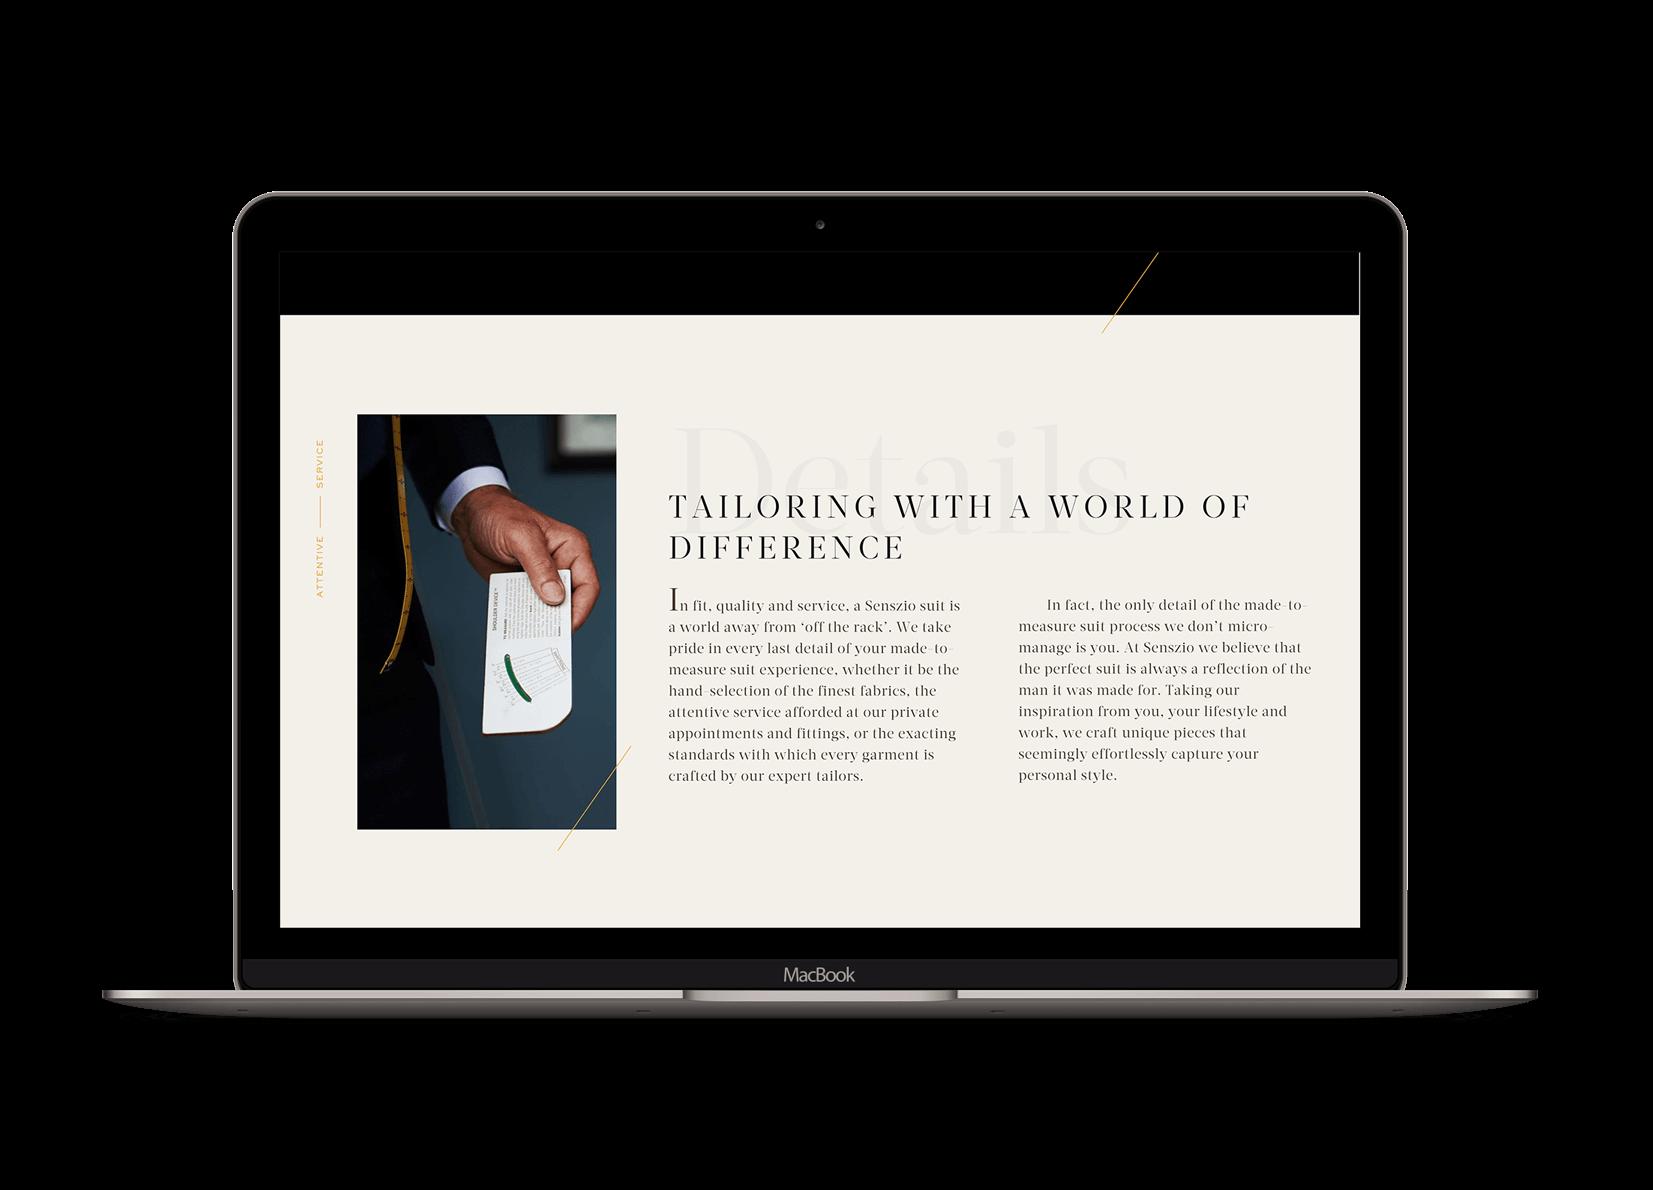 Chânelle-Sharp-Digital-Designer-Senszio-MacBook-1